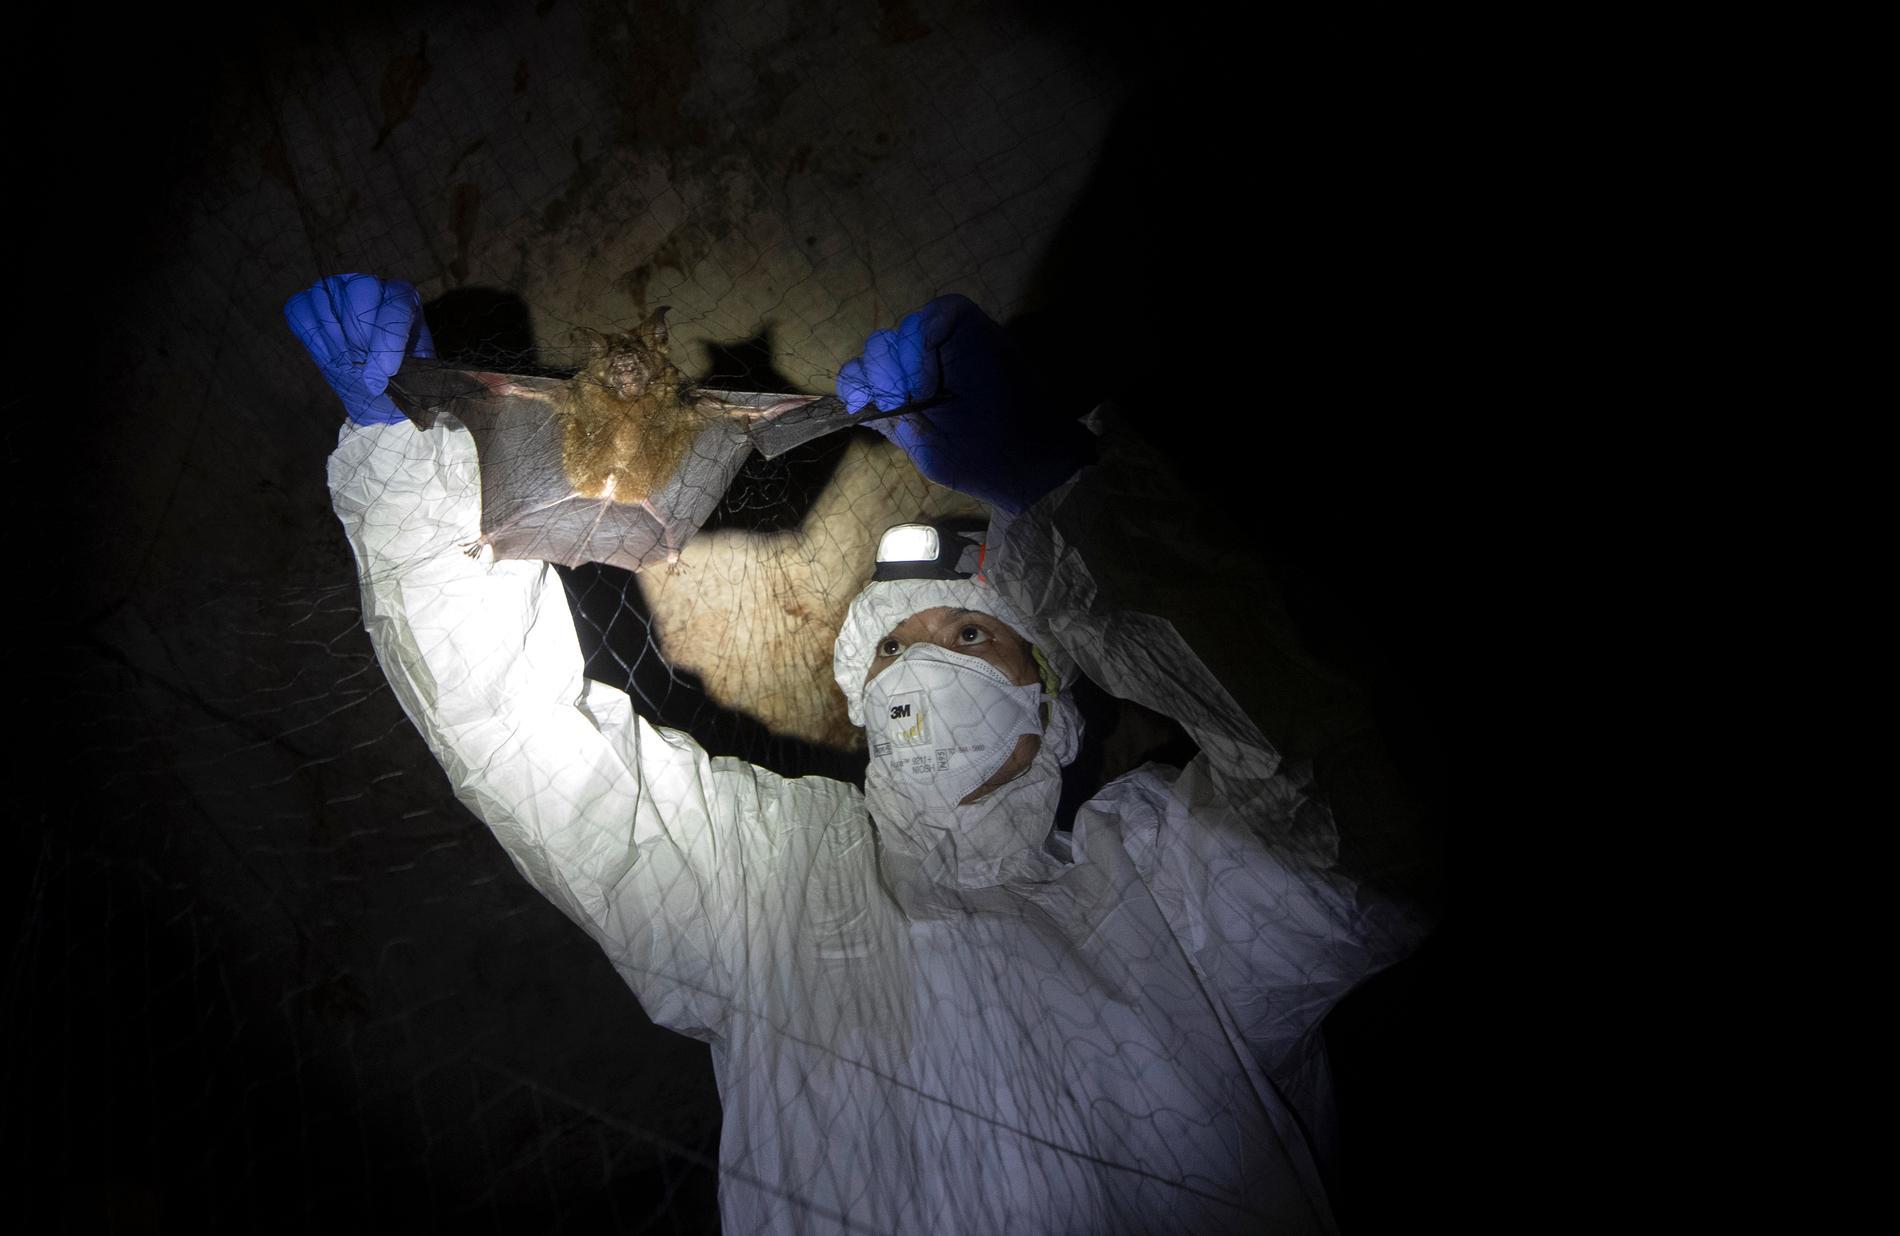 Virusjägare undersöker en fladdermus.